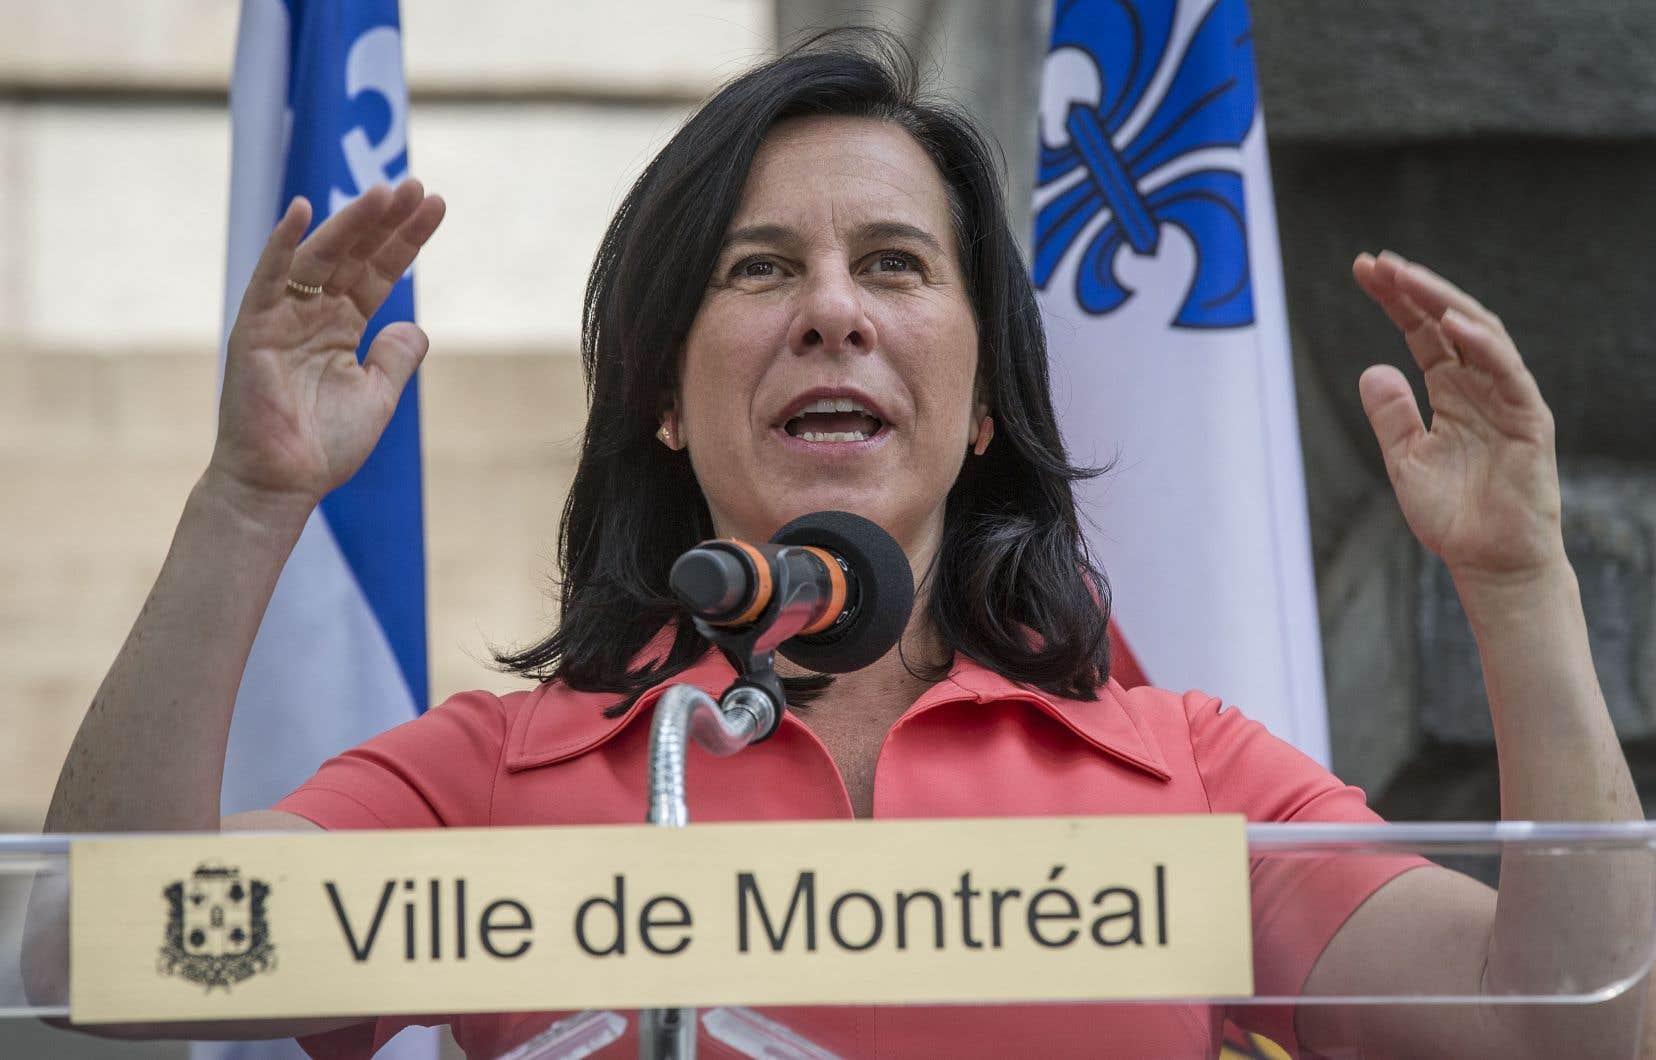 «La quiétude et la tranquillité dans nos quartiers, c'est prioritaire et on y tient», a insisté la mairesse ValériePlante.